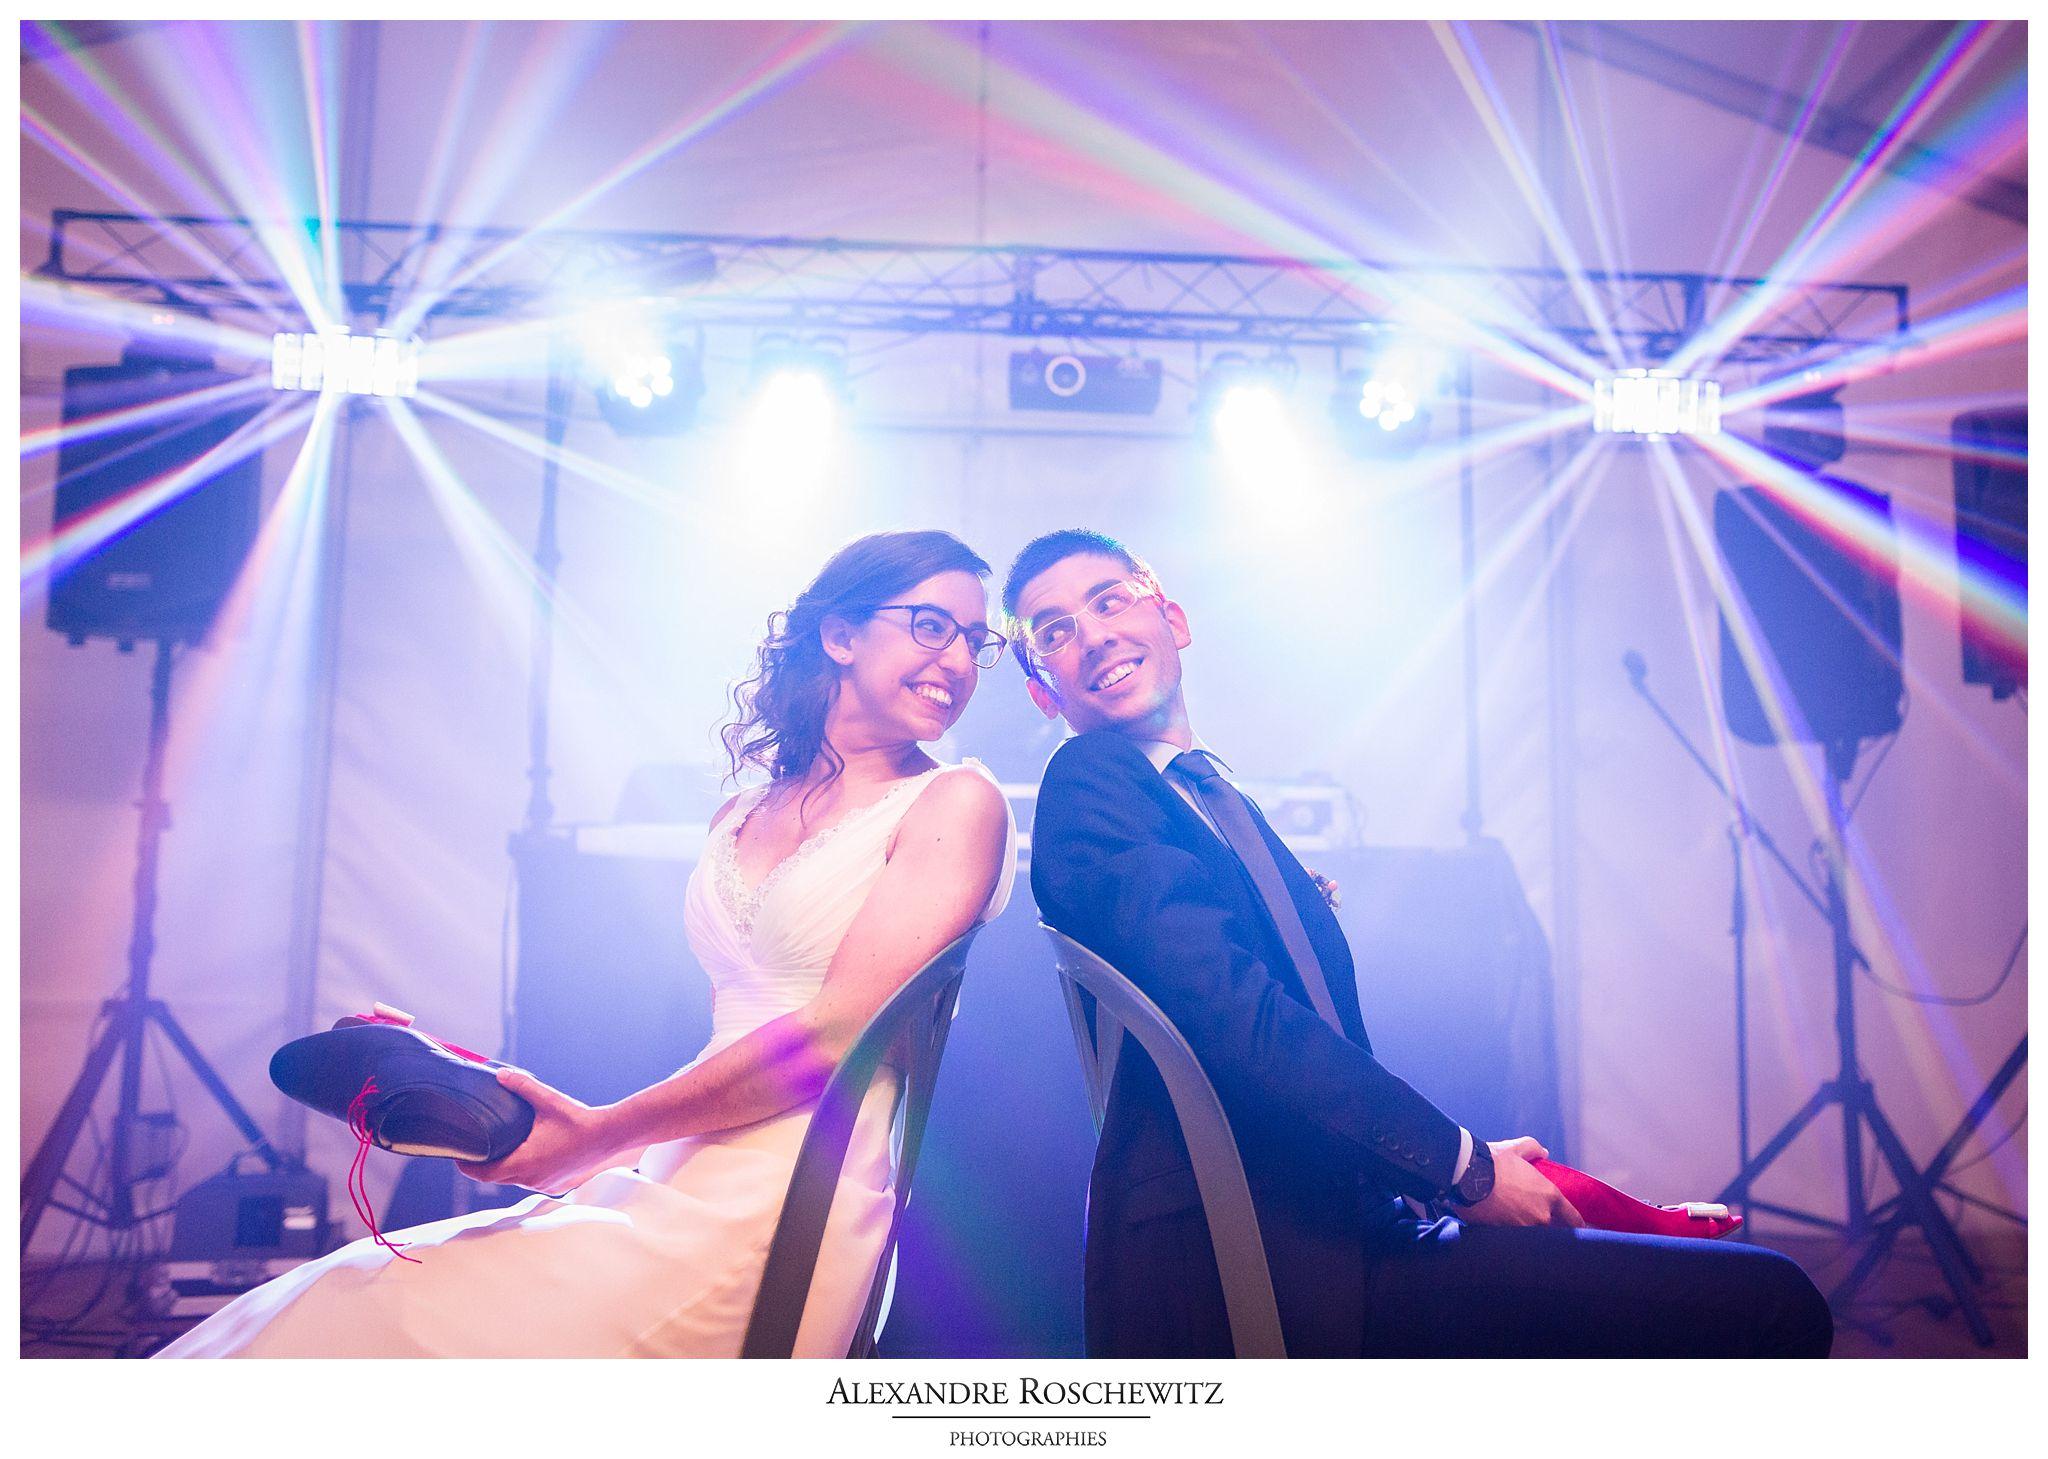 Aperçu des photos du mariage civil et religieux de Christelle et Guillaume à Andernos et la Colonie Le Bourdiou. Alexandre Roschewitz Photographies